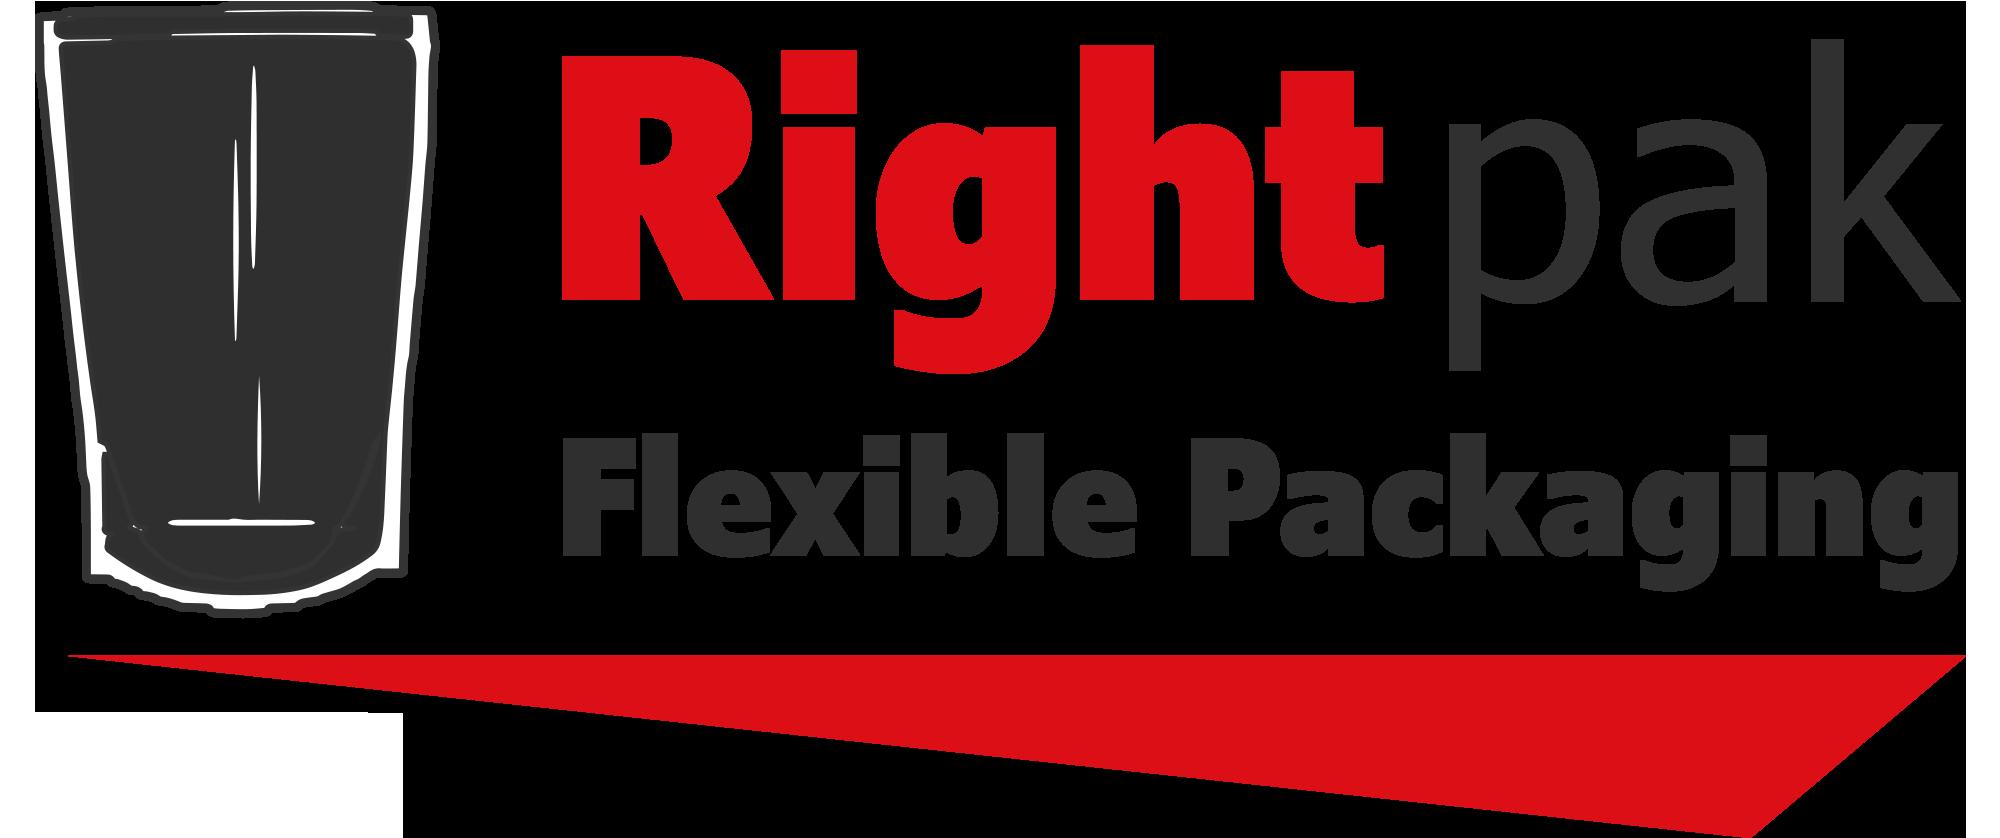 Rightpak Ltd